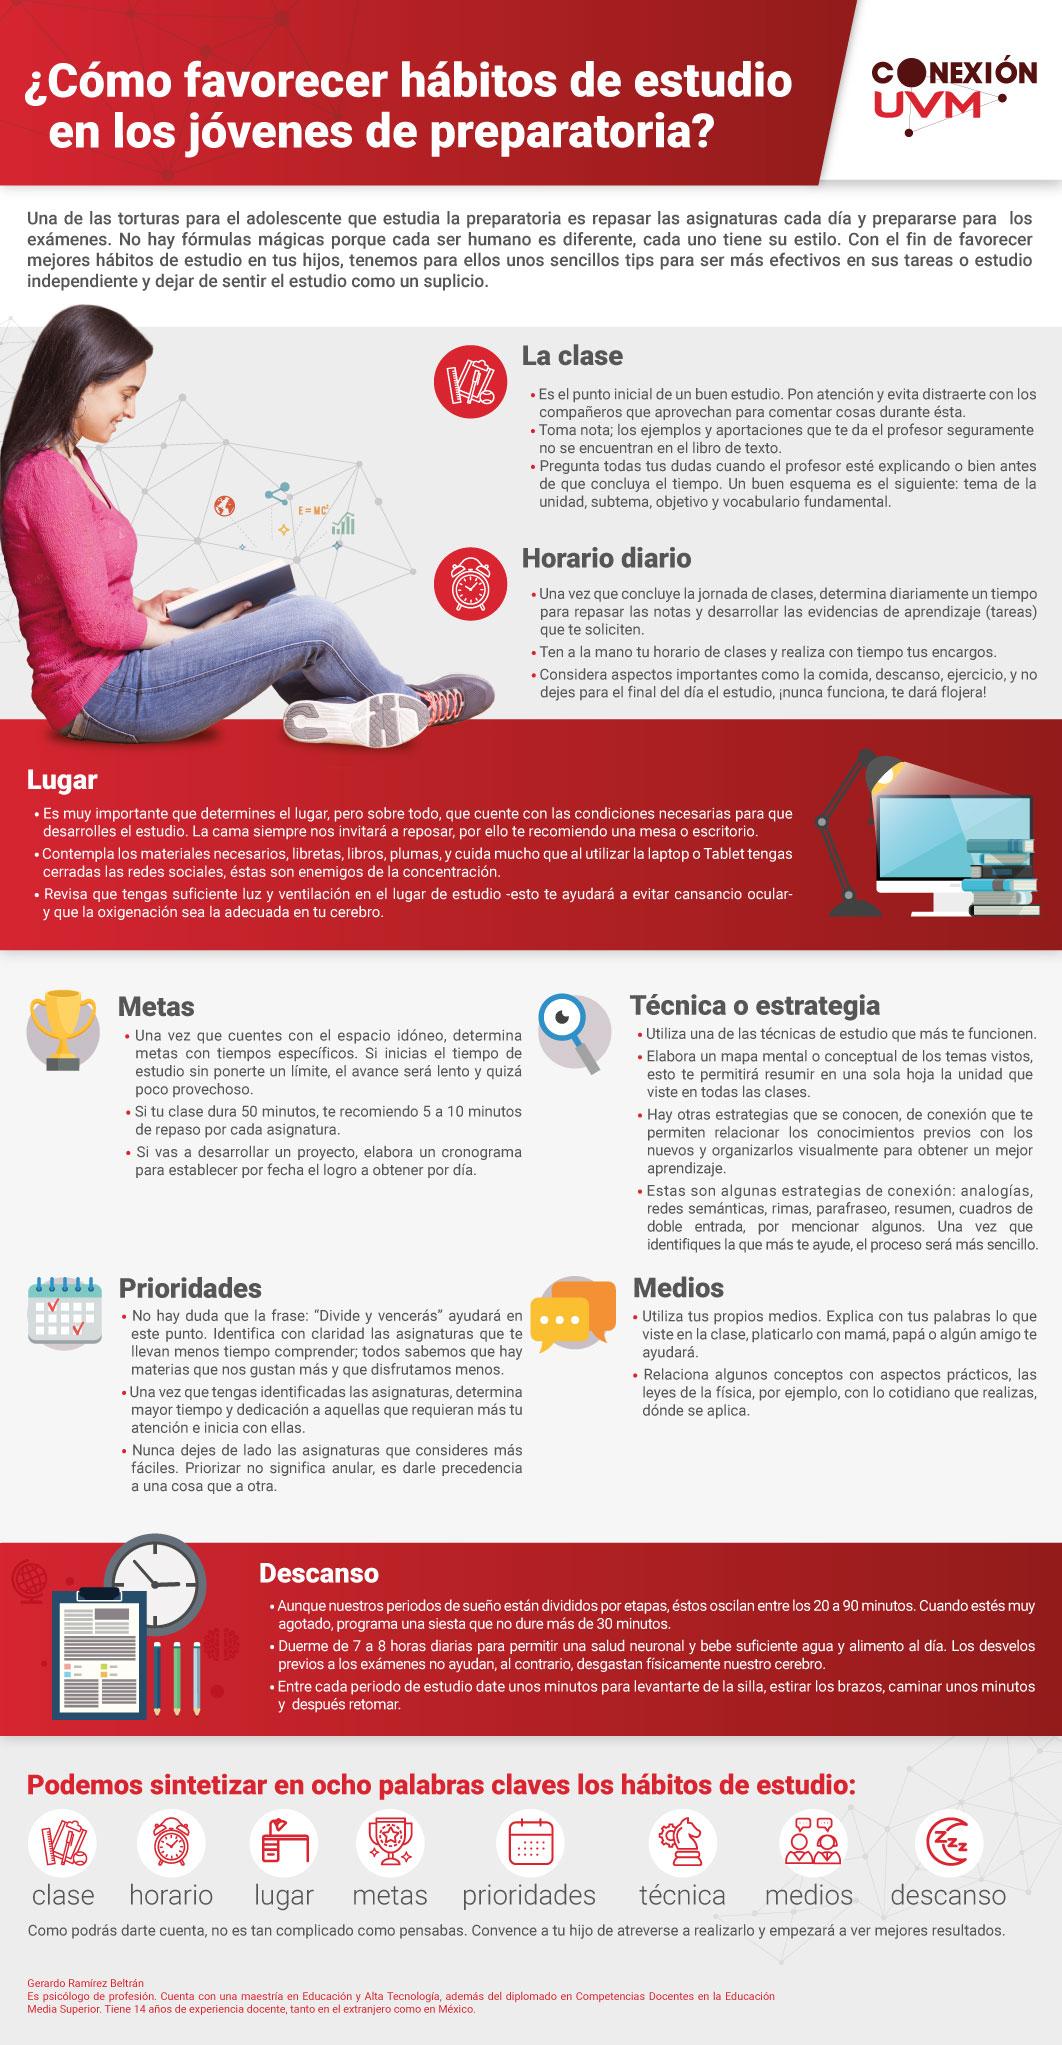 Infogr-Habitos-estudio-prepa.jpg